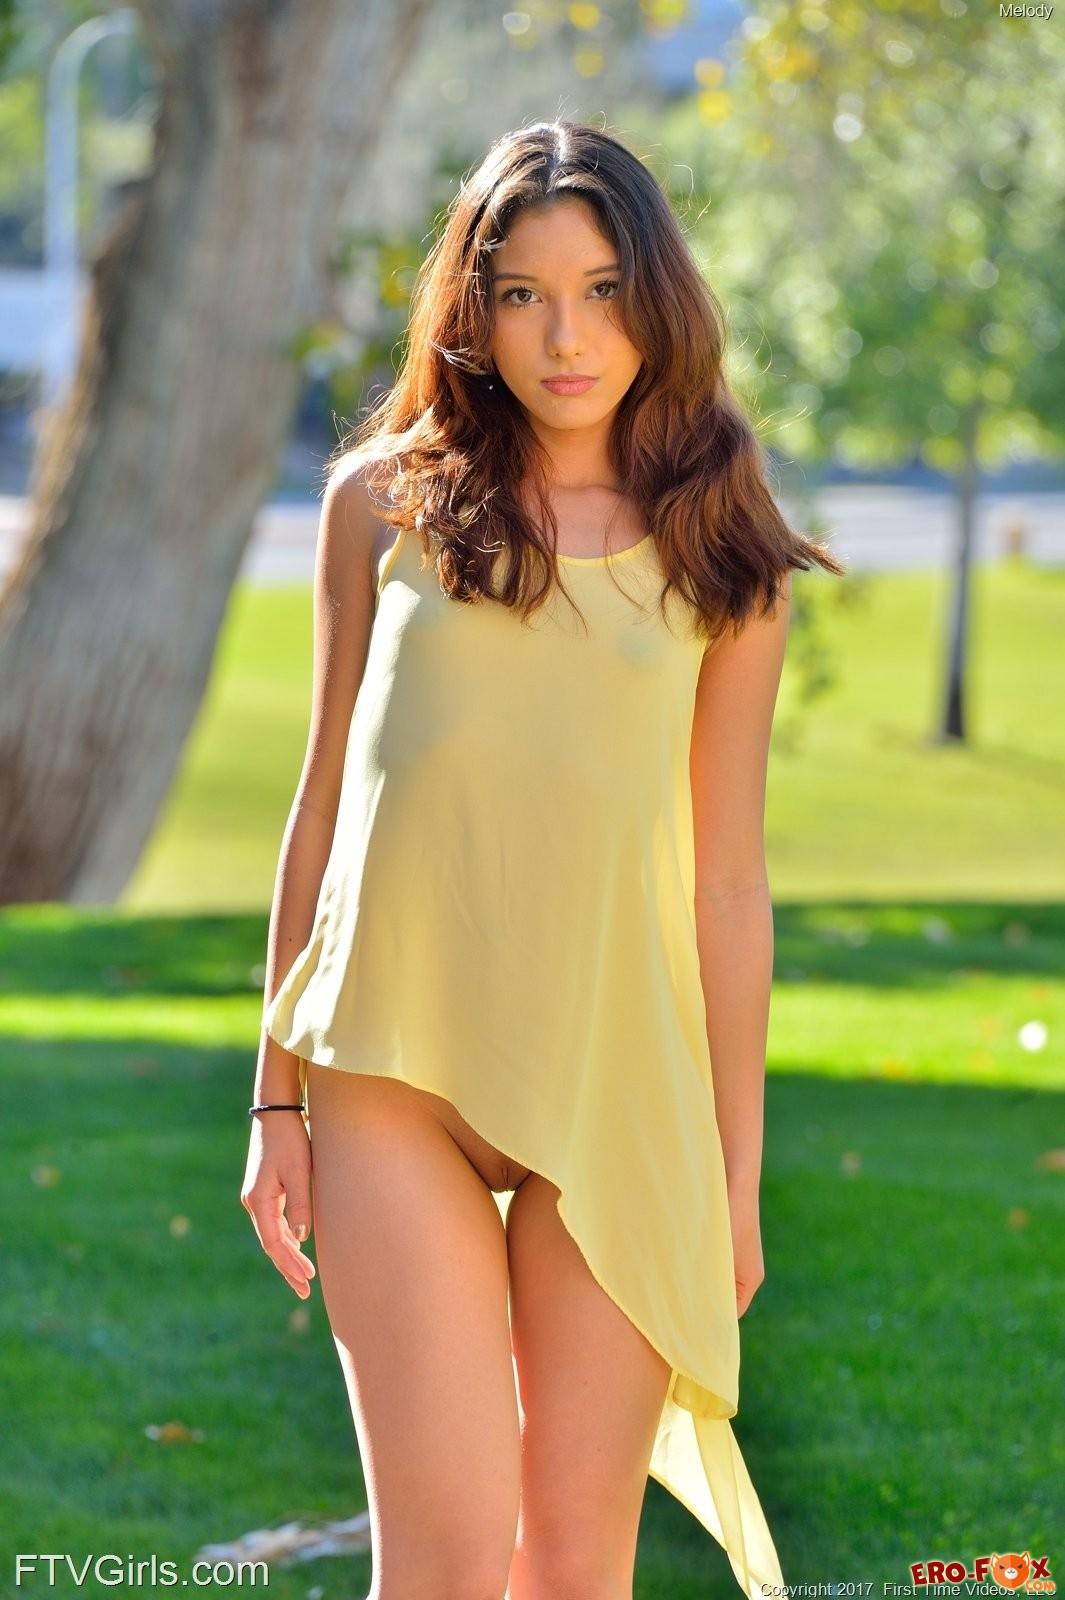 Молодая девка снимает трусики на улице .